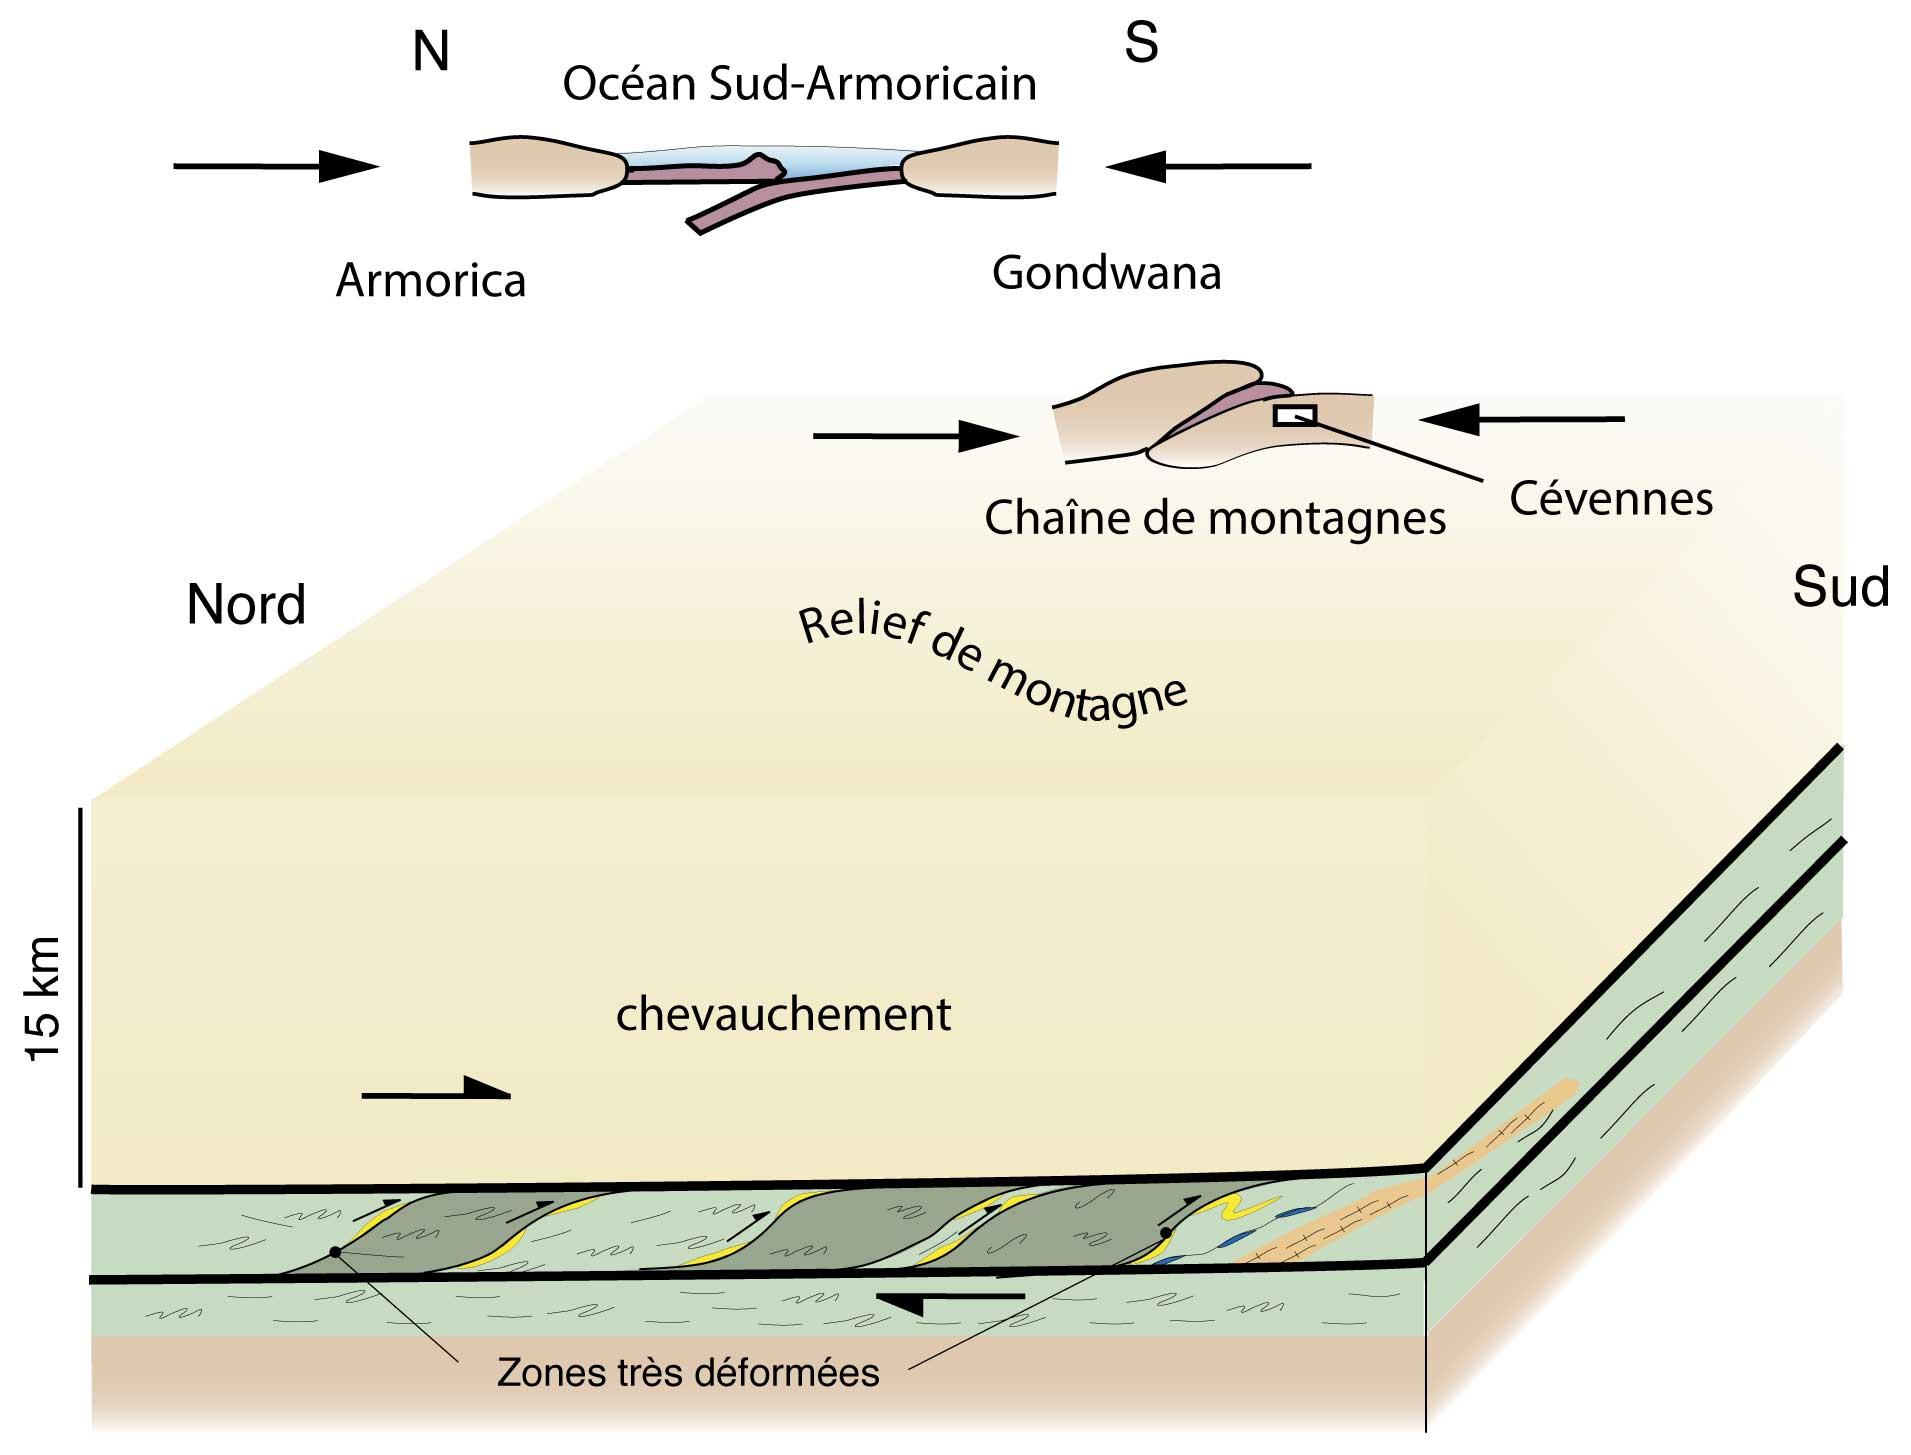 Il y a 340 Ma, l'océan se ferme, les plaques se chevauchent, formant la chaîne de montagne hercynienne. Les sédiments sont enfouis à 15 km de profondeur sous une nappe.